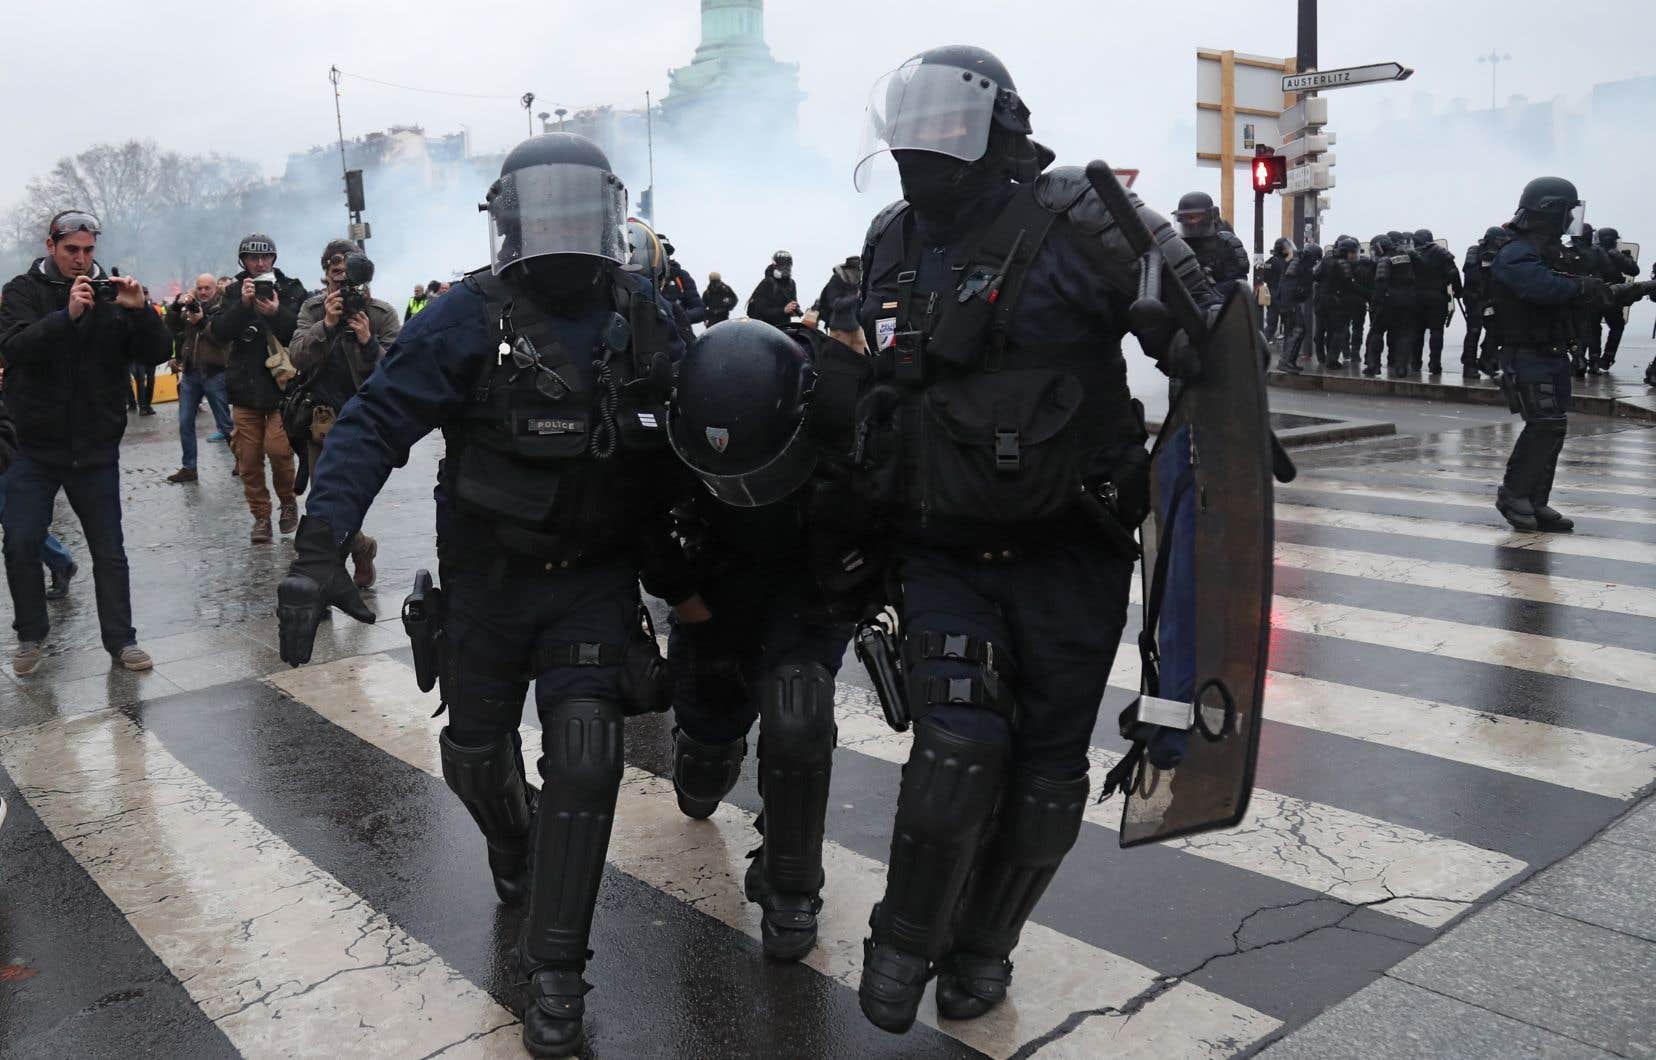 Au centre de Paris, des incidents ont éclaté place de la Bastille, haut-lieu symbolique, lieu de convergence de plusieurs cortèges de «gilets jaunes».